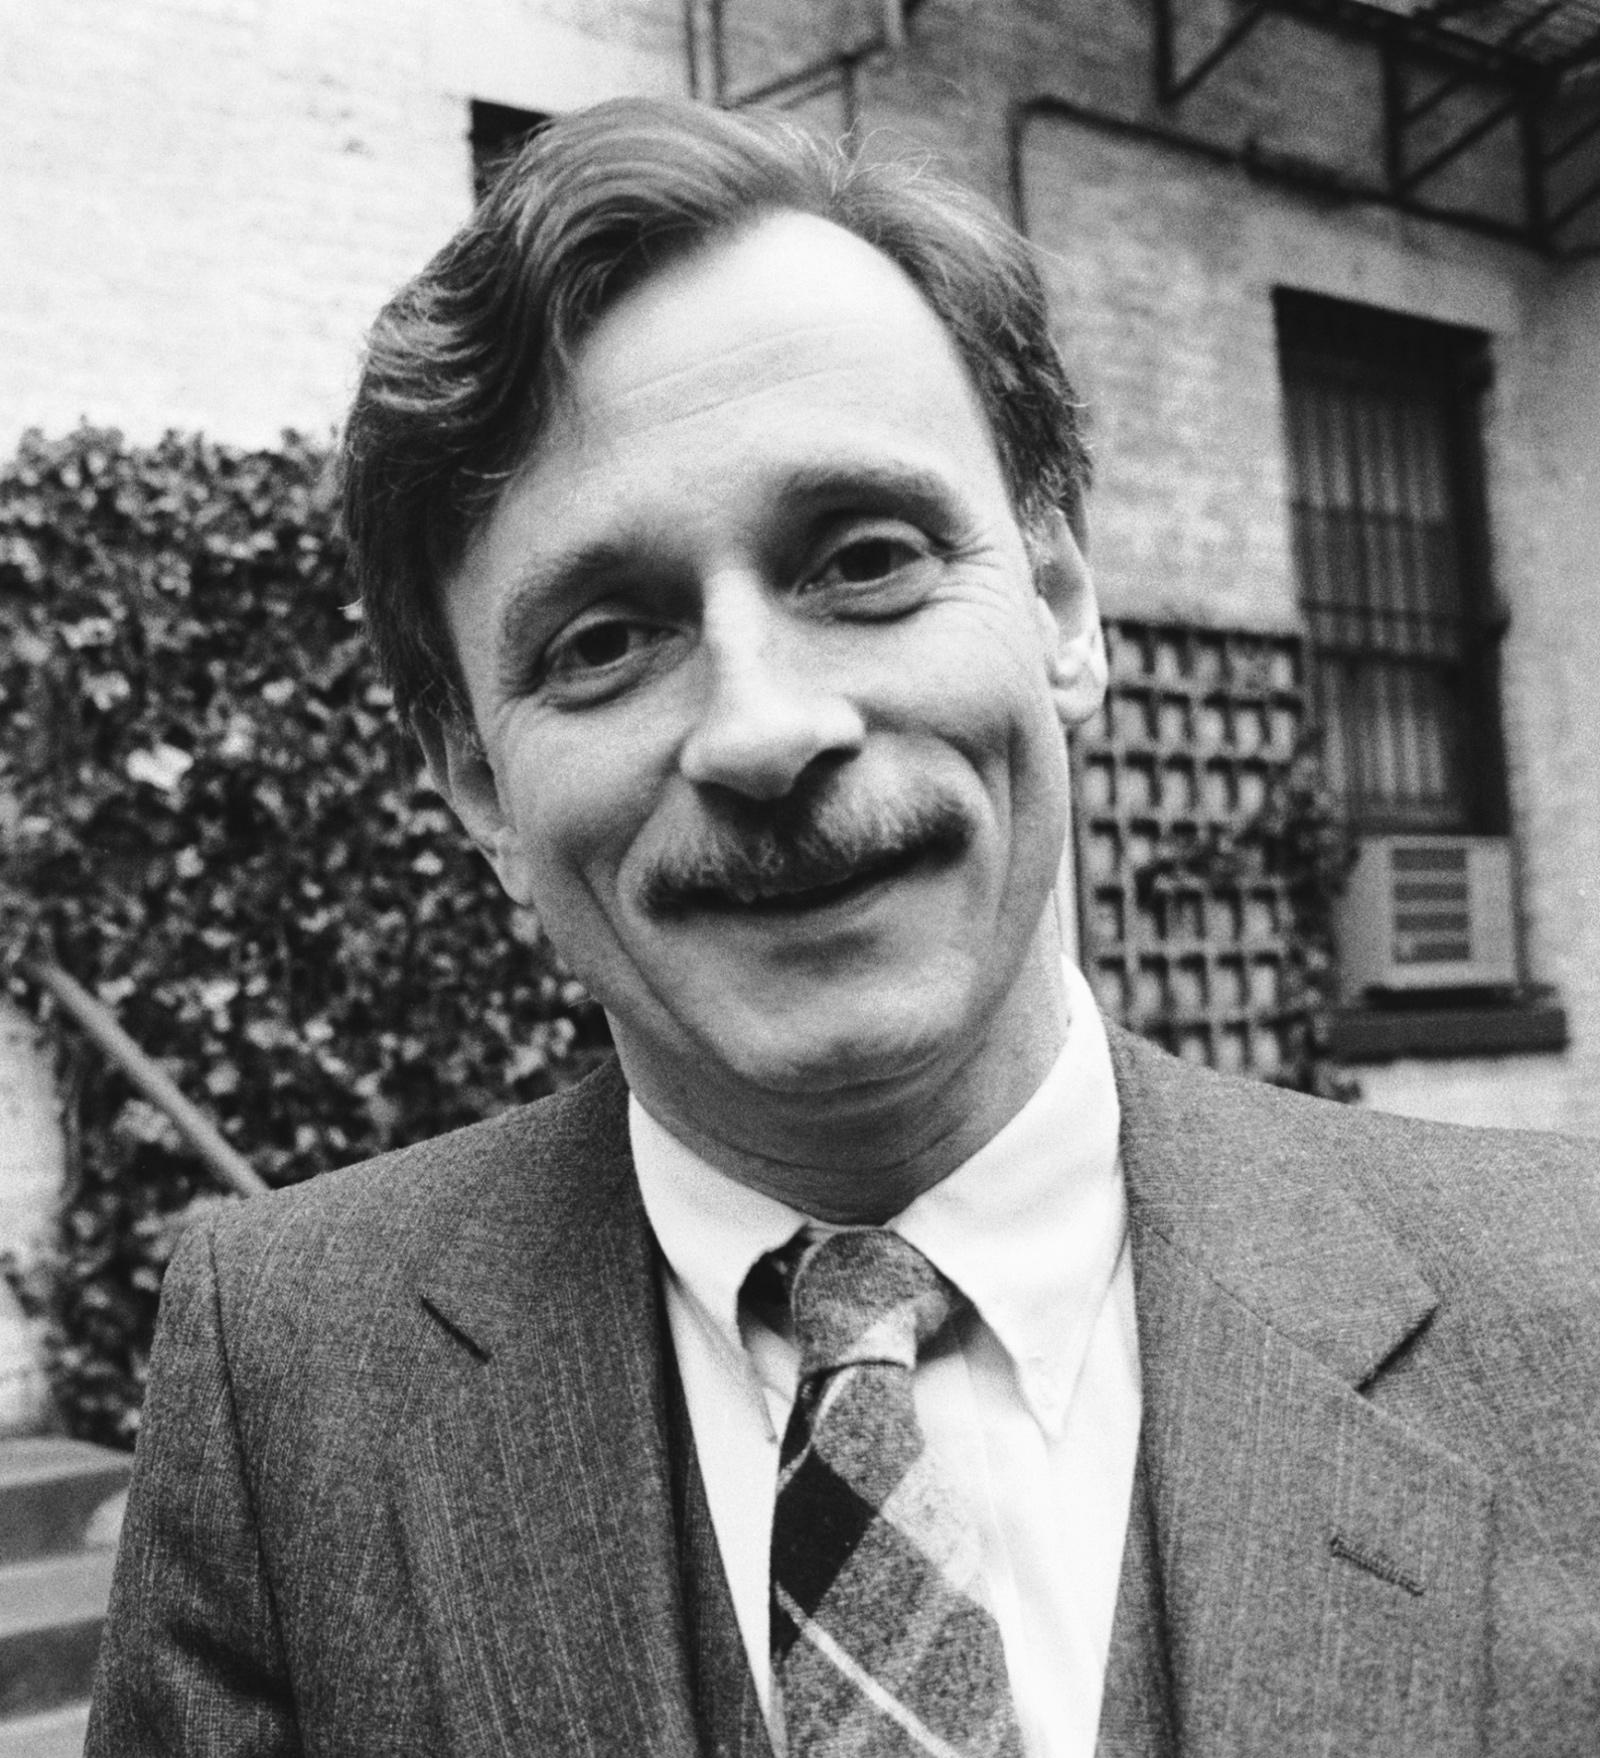 Edmund White, New York City, February 1983